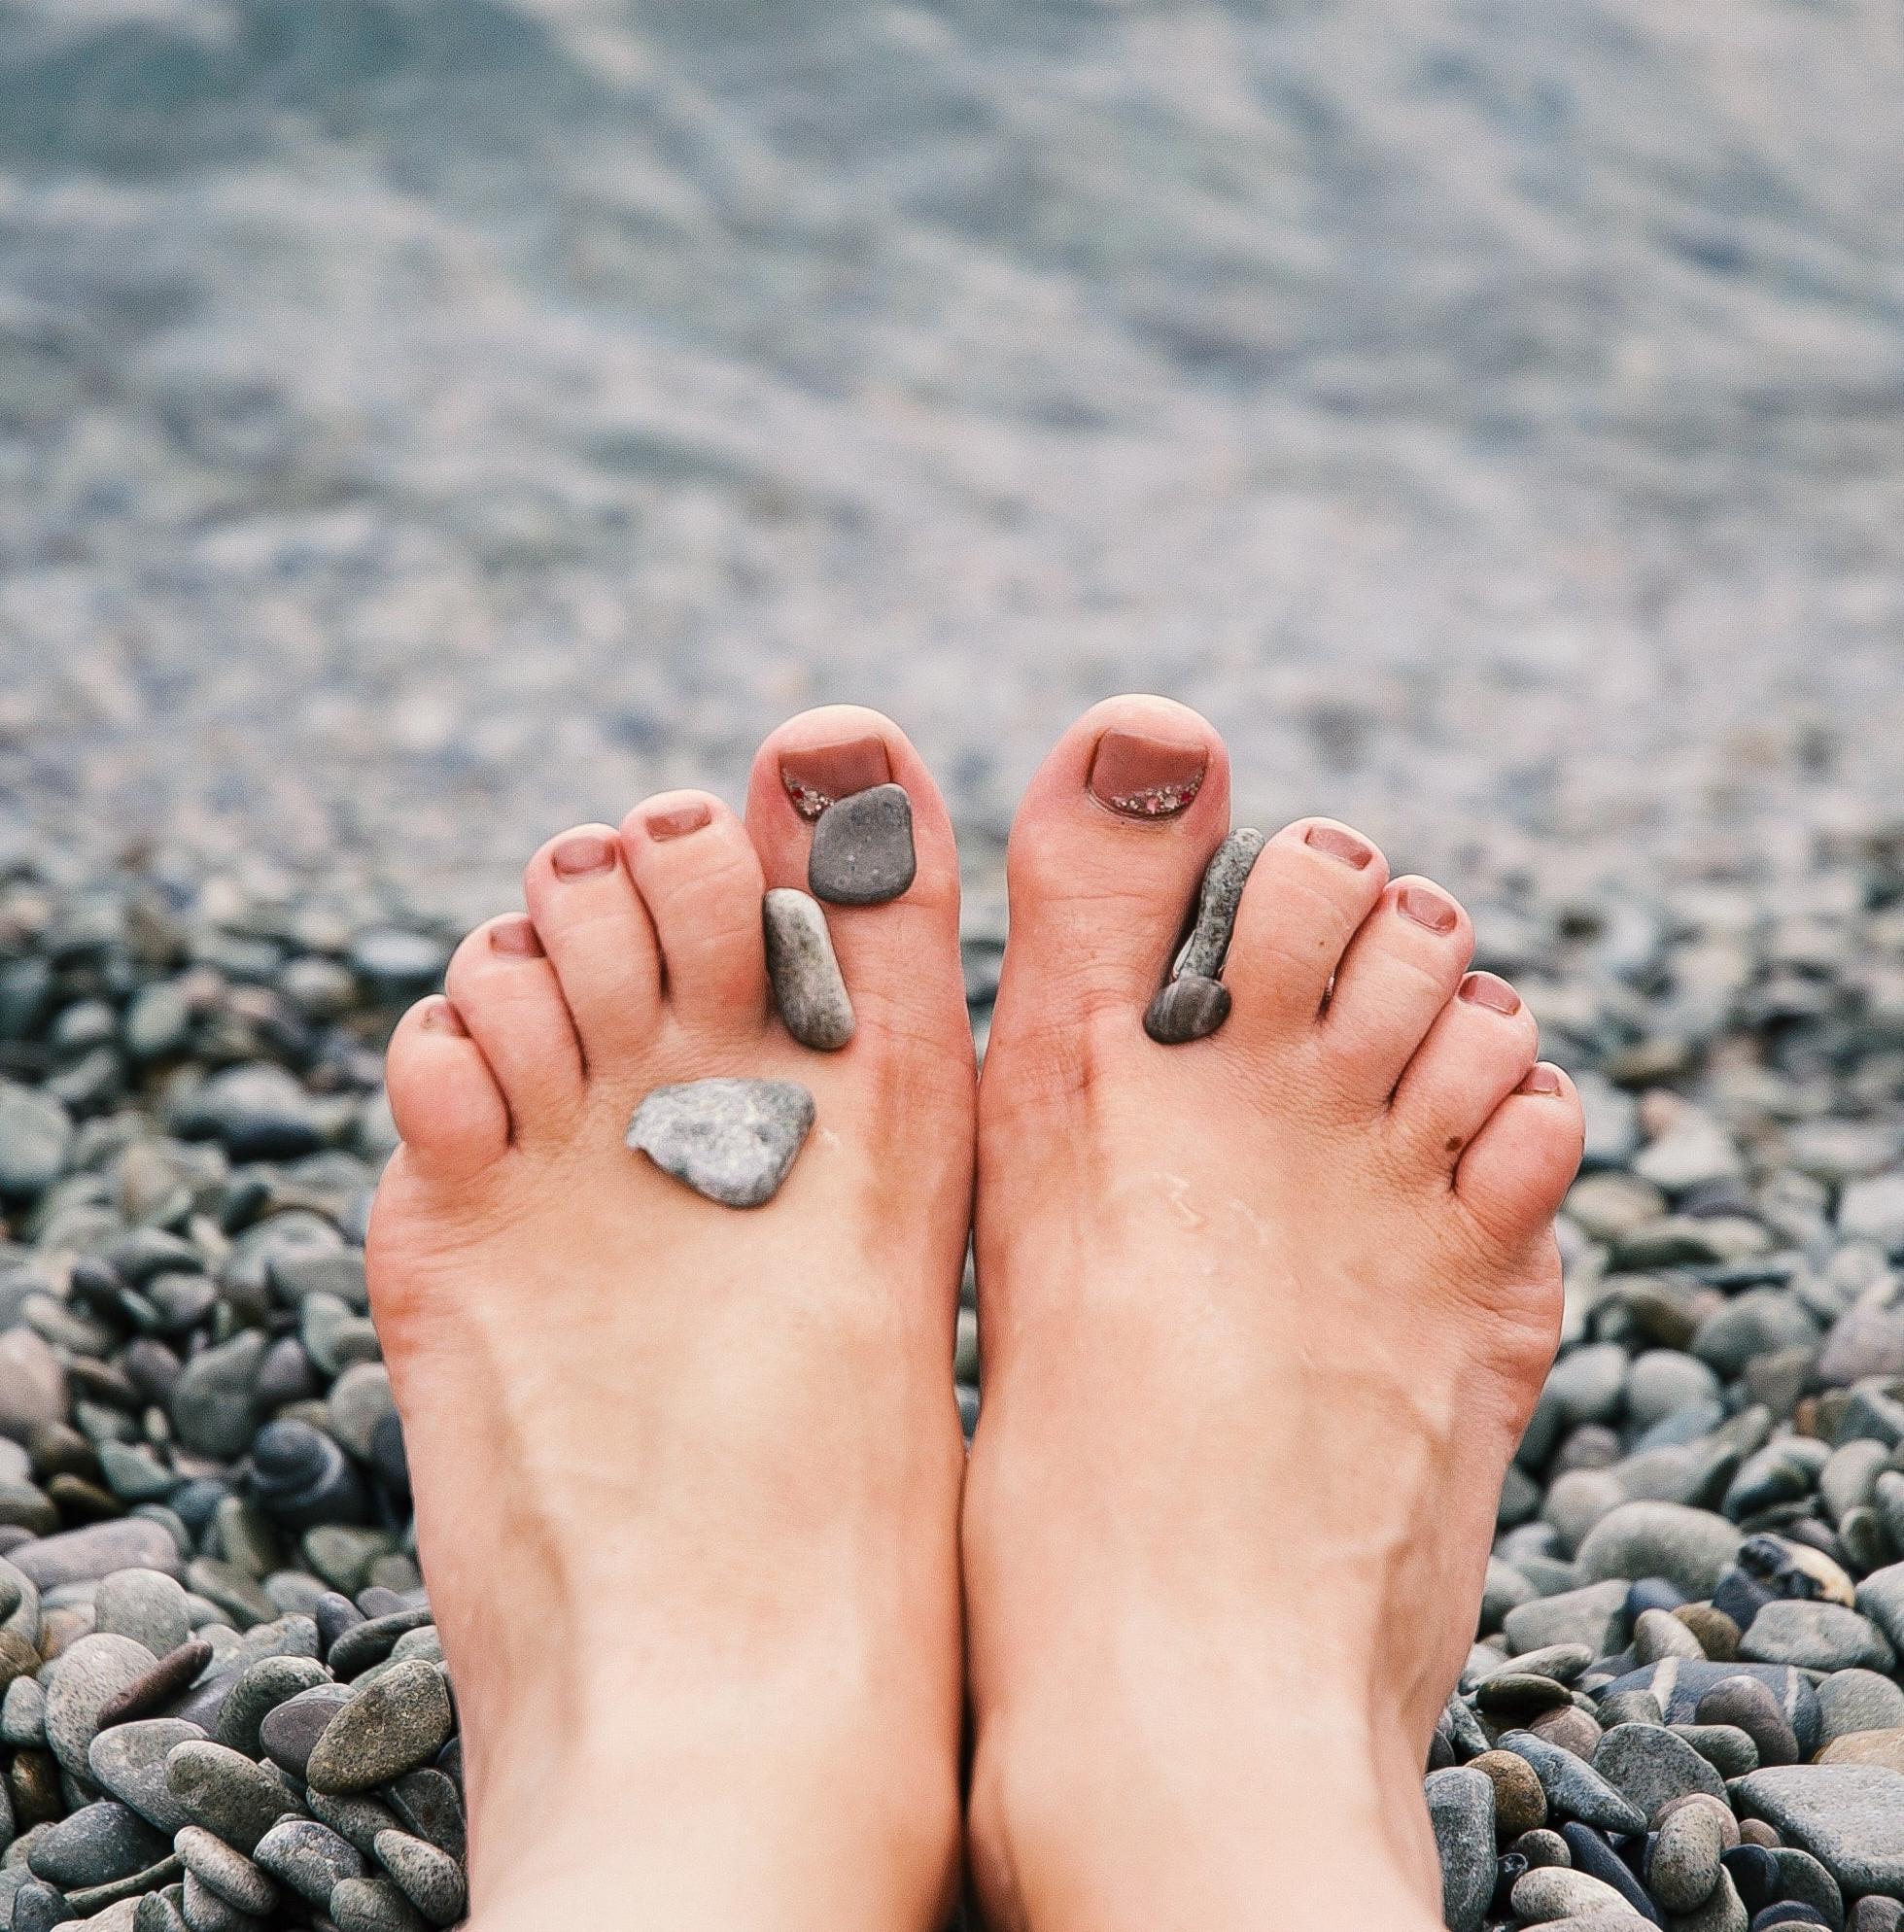 stones-on-woman-s-feet-1274061-min